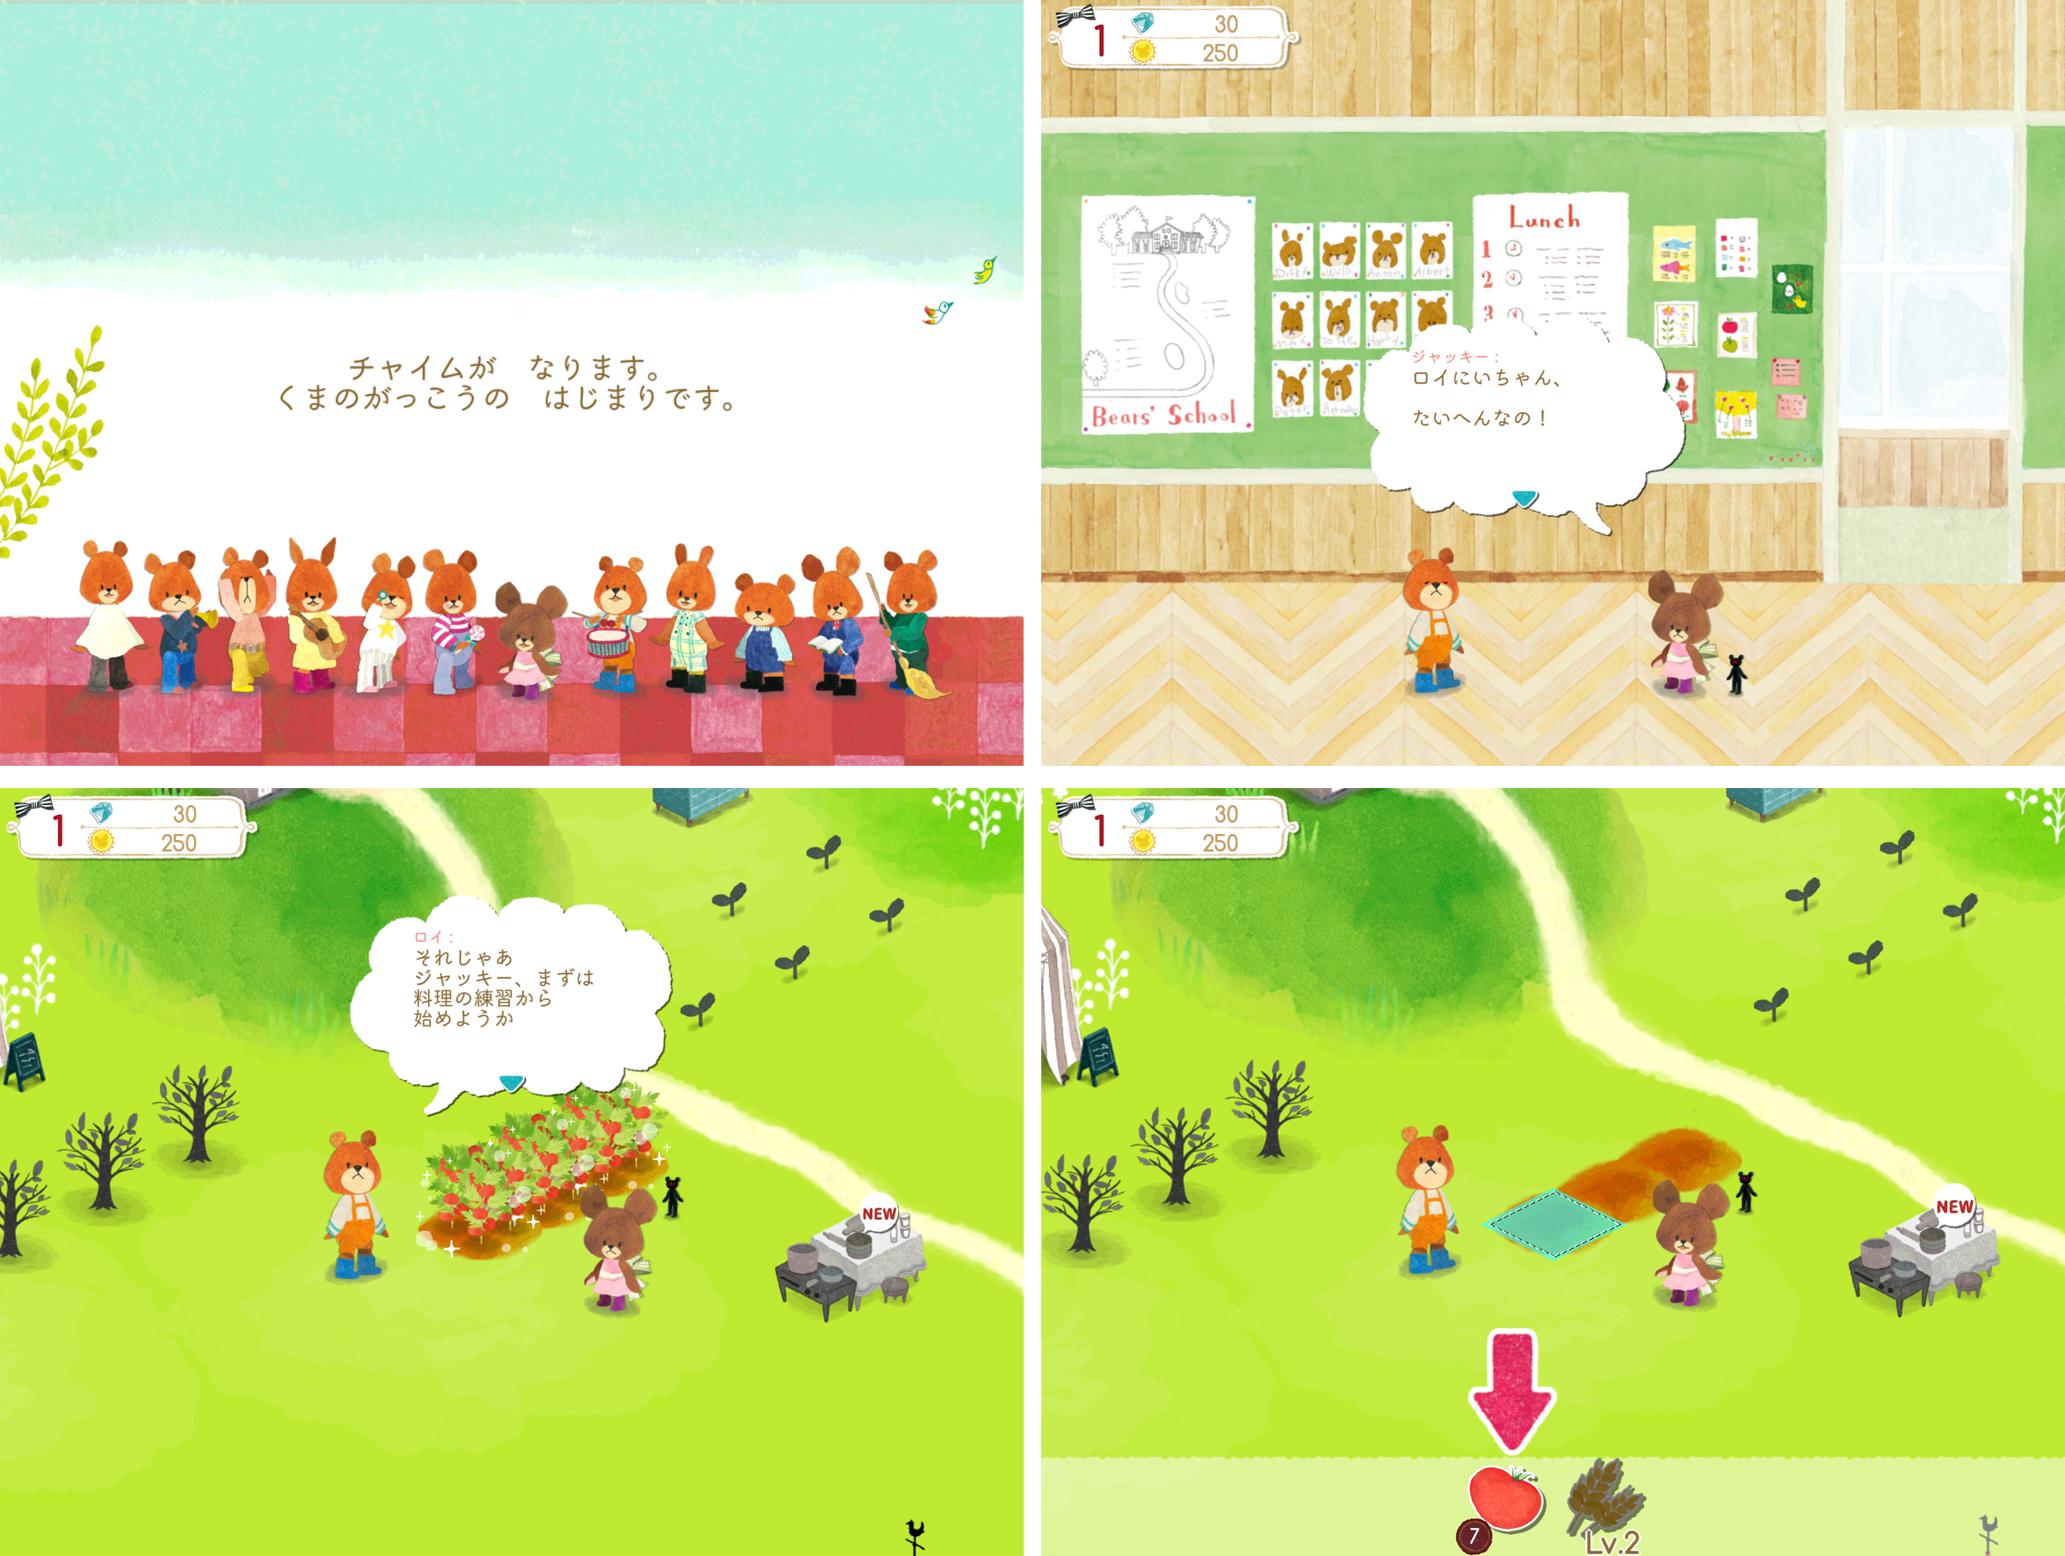 アプリ「くまのがっこう箱庭ゲーム」 くまのがっこうの世界でジャッキーと遊ぼう!